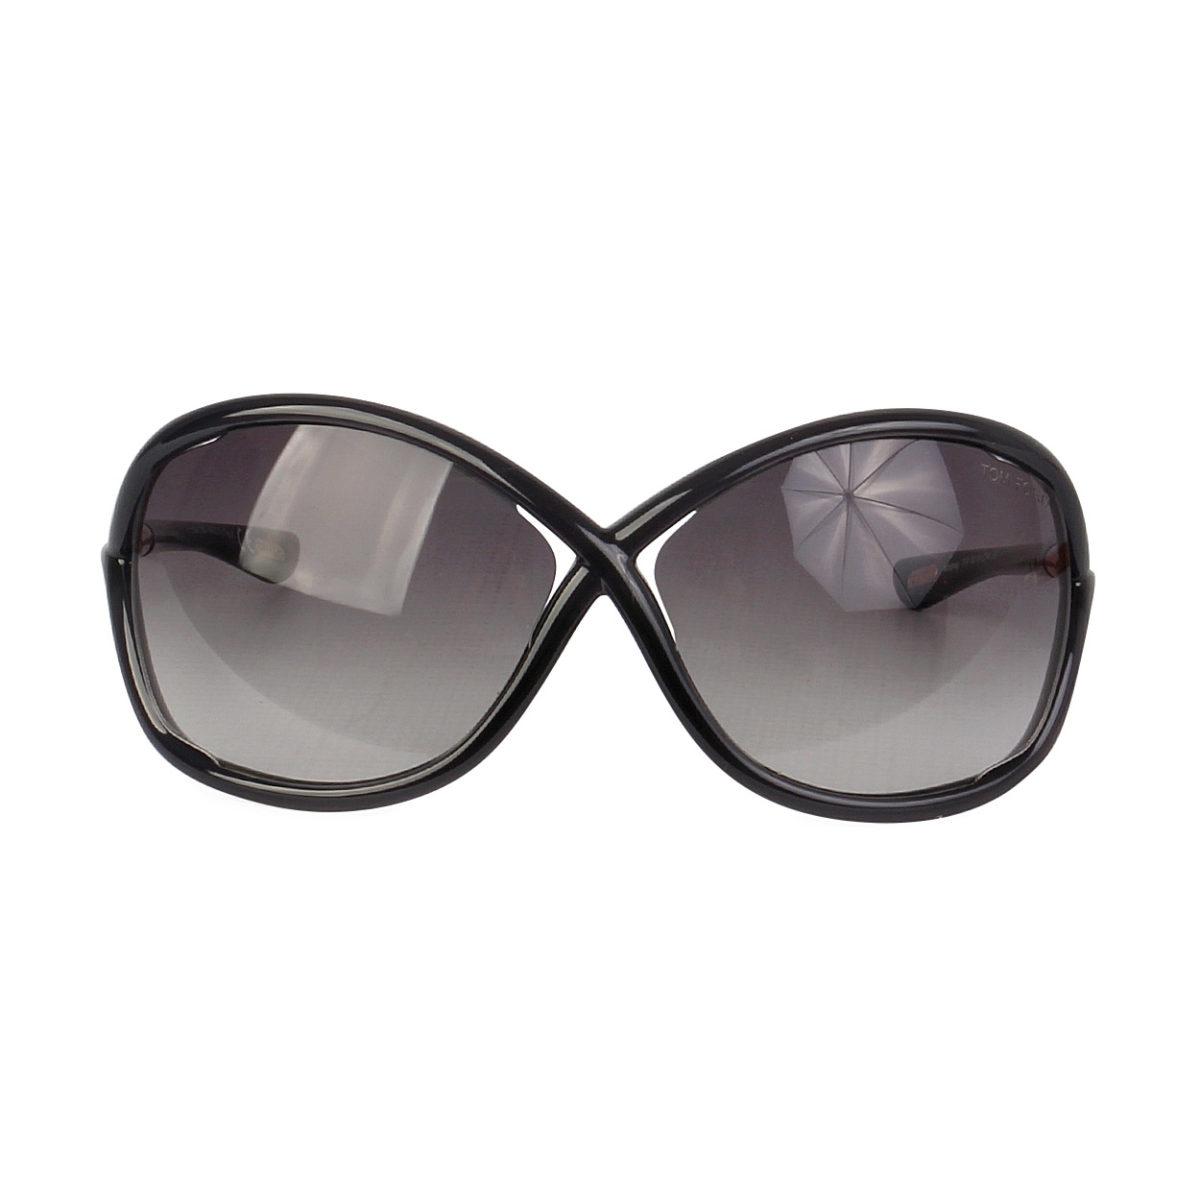 baec5299164f4 TOM FORD Whitney Sunglasses TF9 B5 Grey